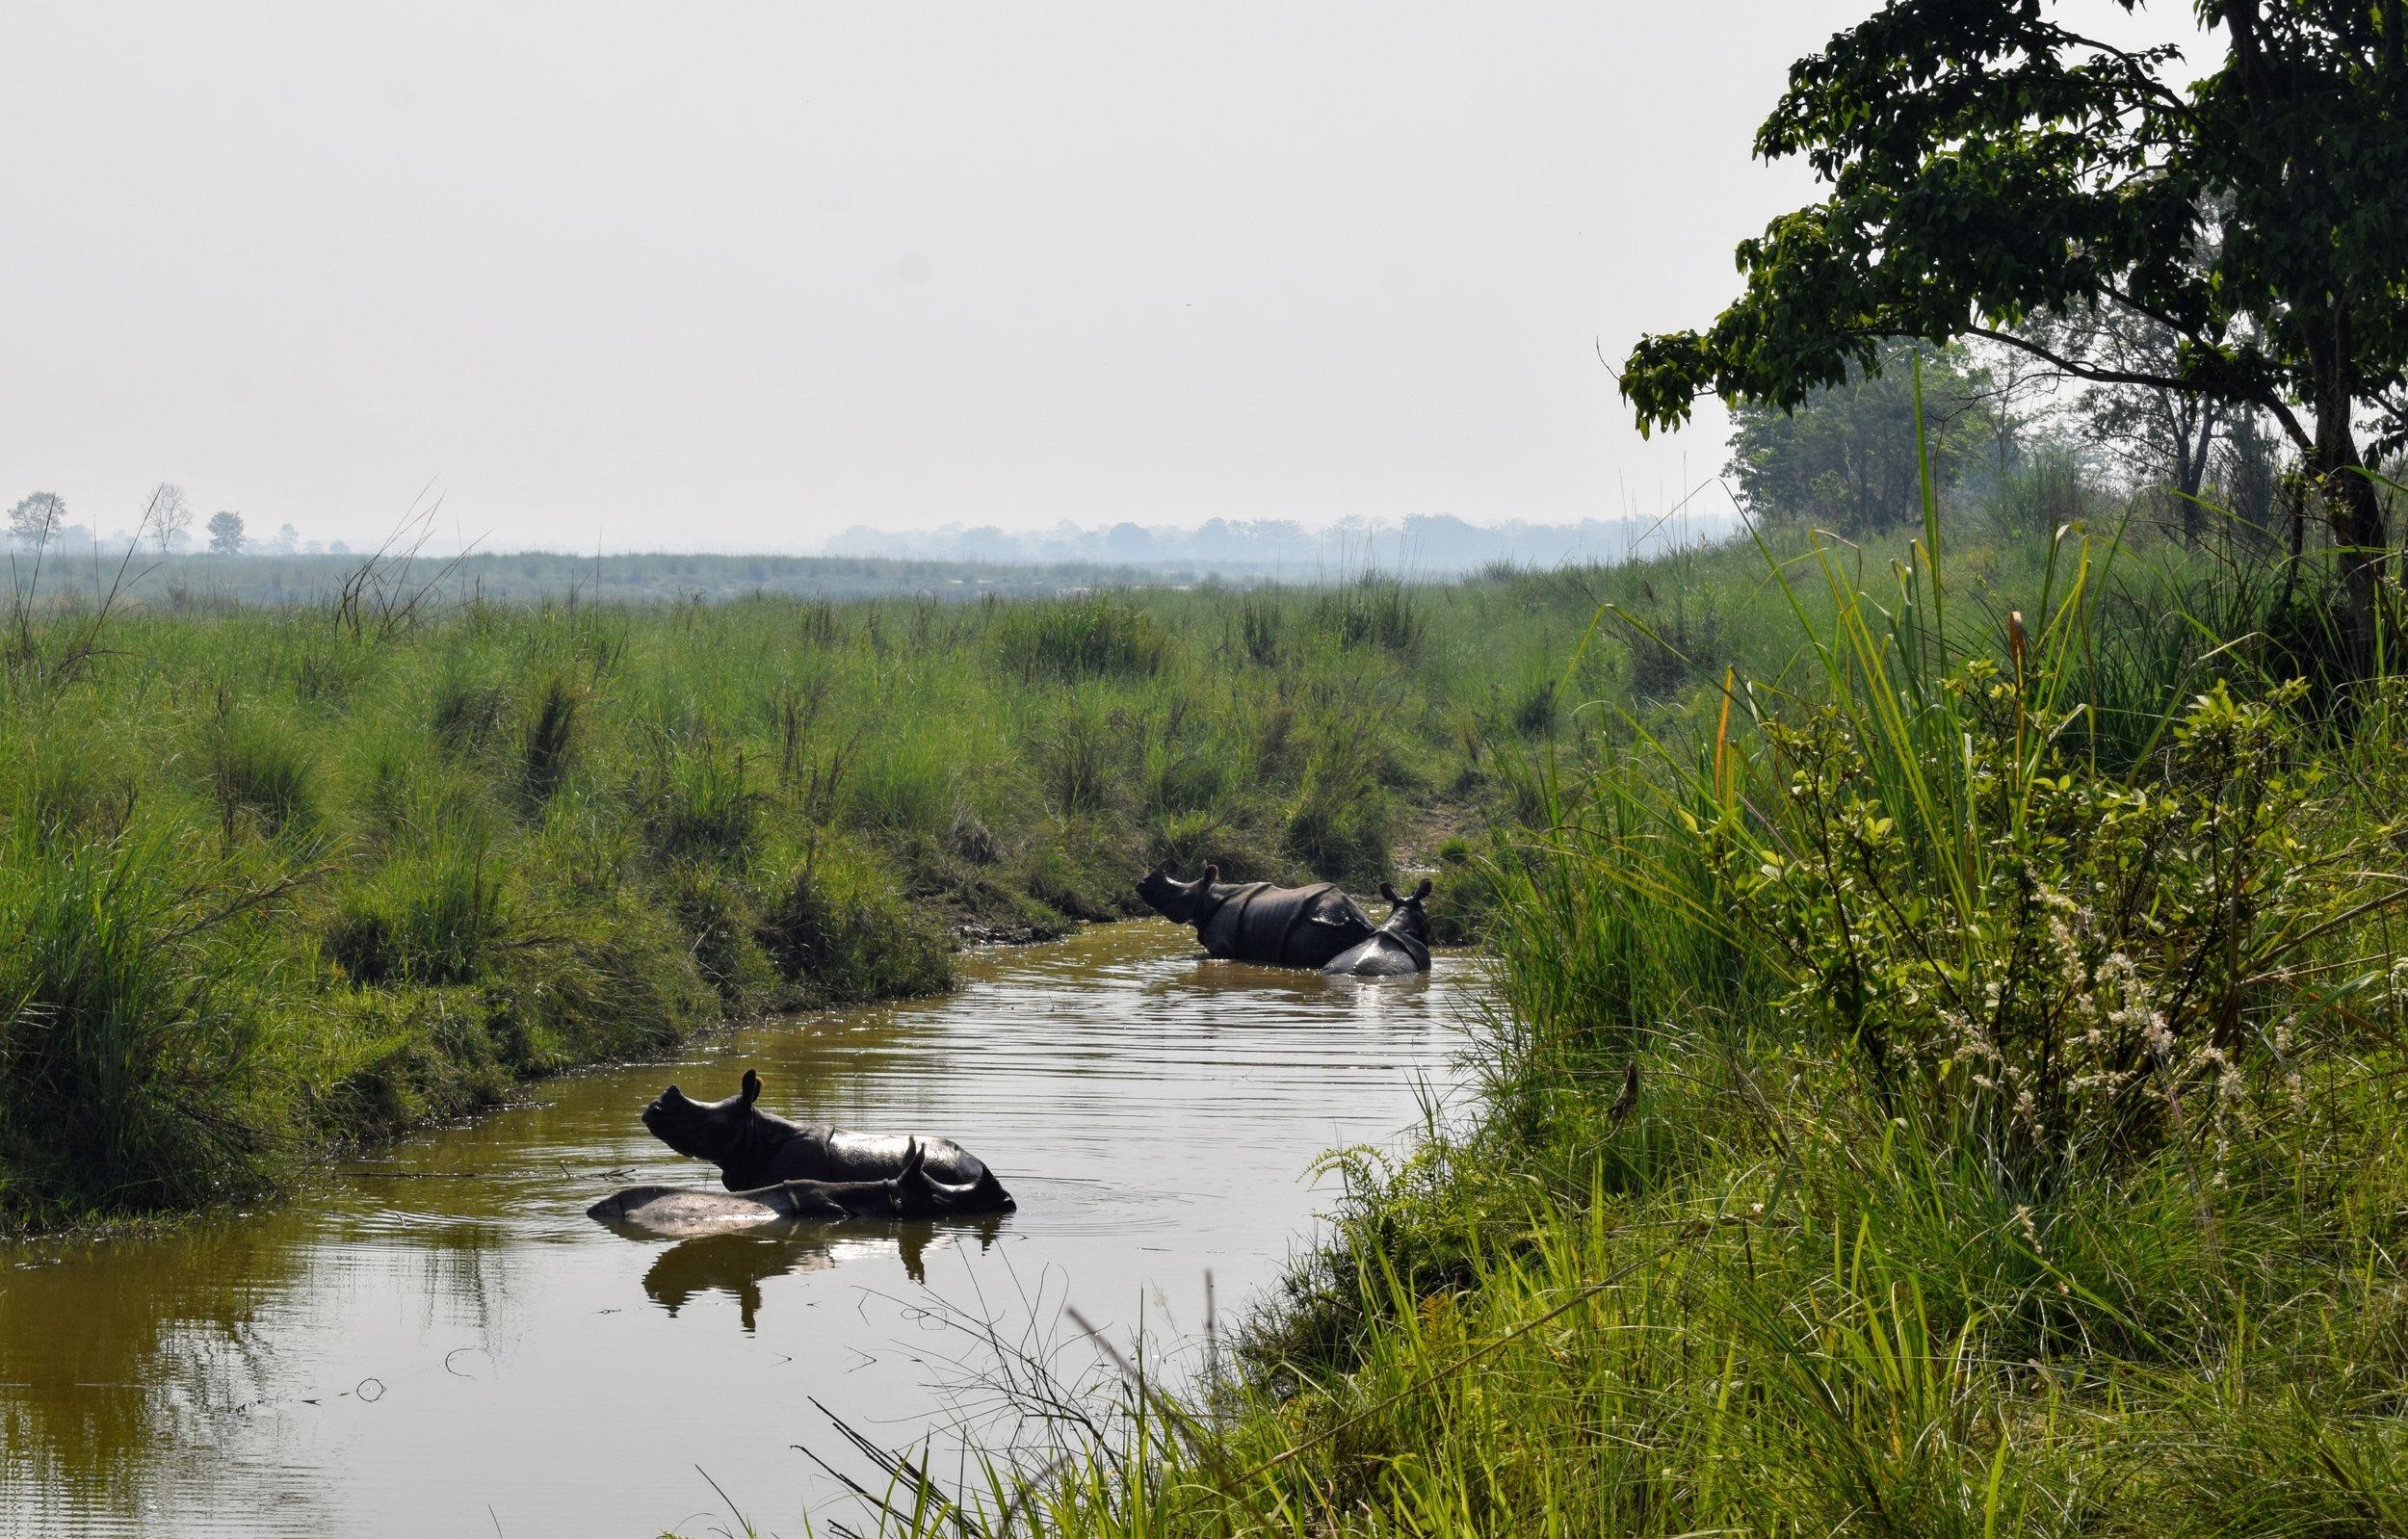 Four rhinos bathing in Chitwan National Park